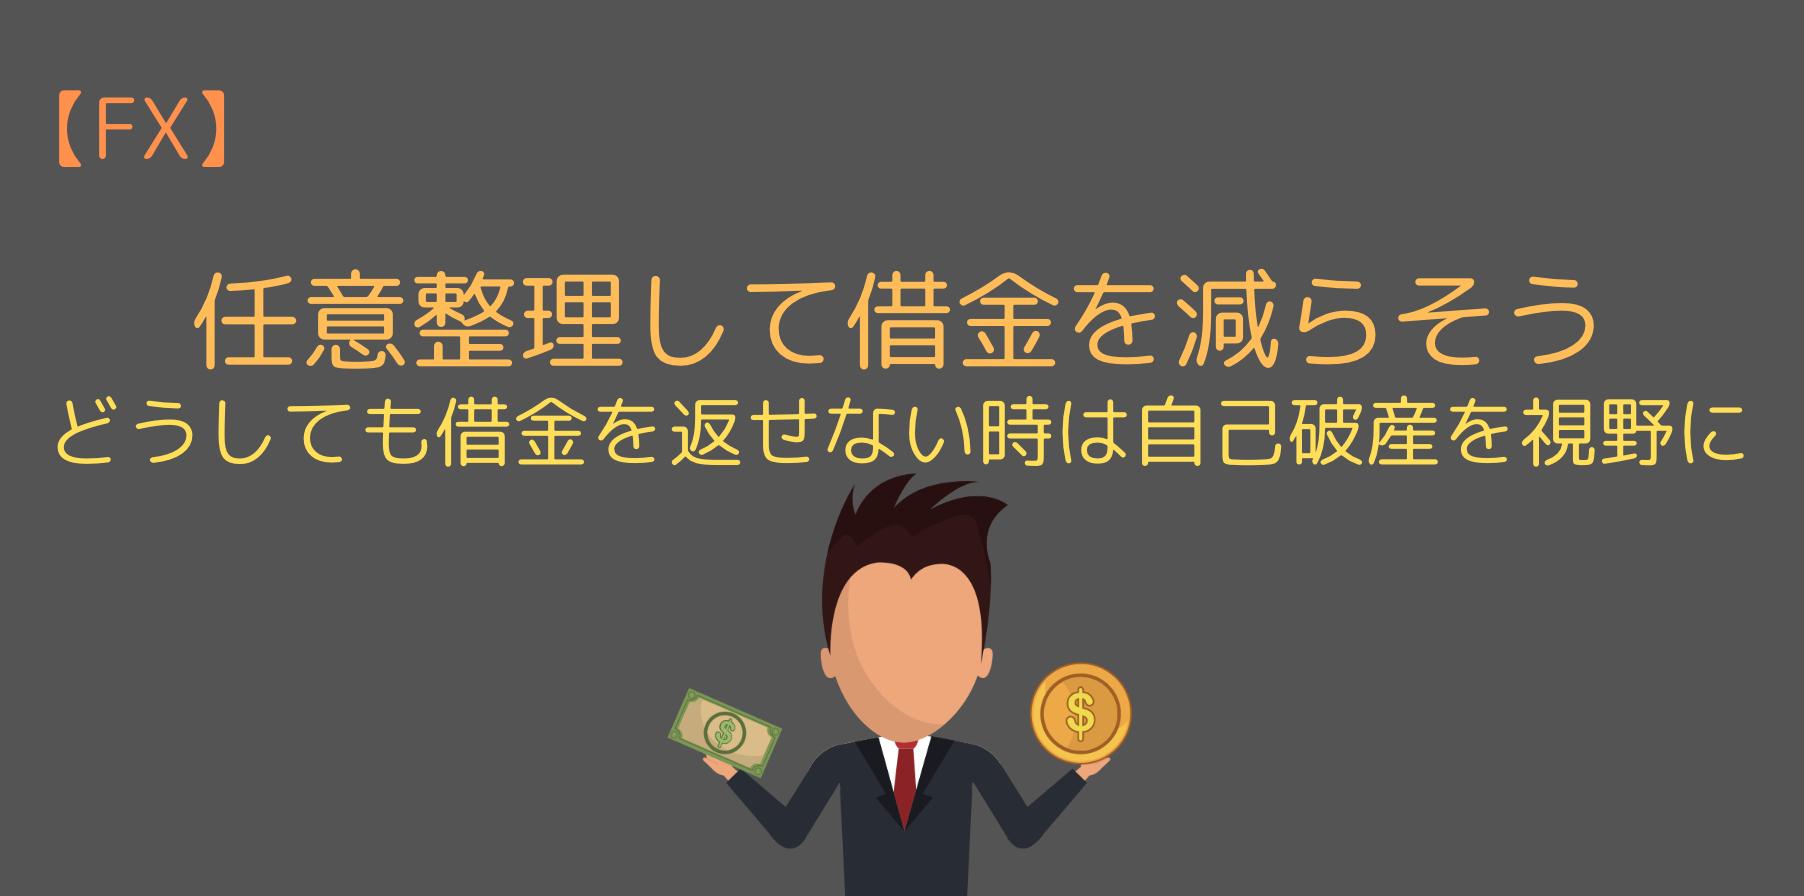 任意整理もしくは自己破産という選択